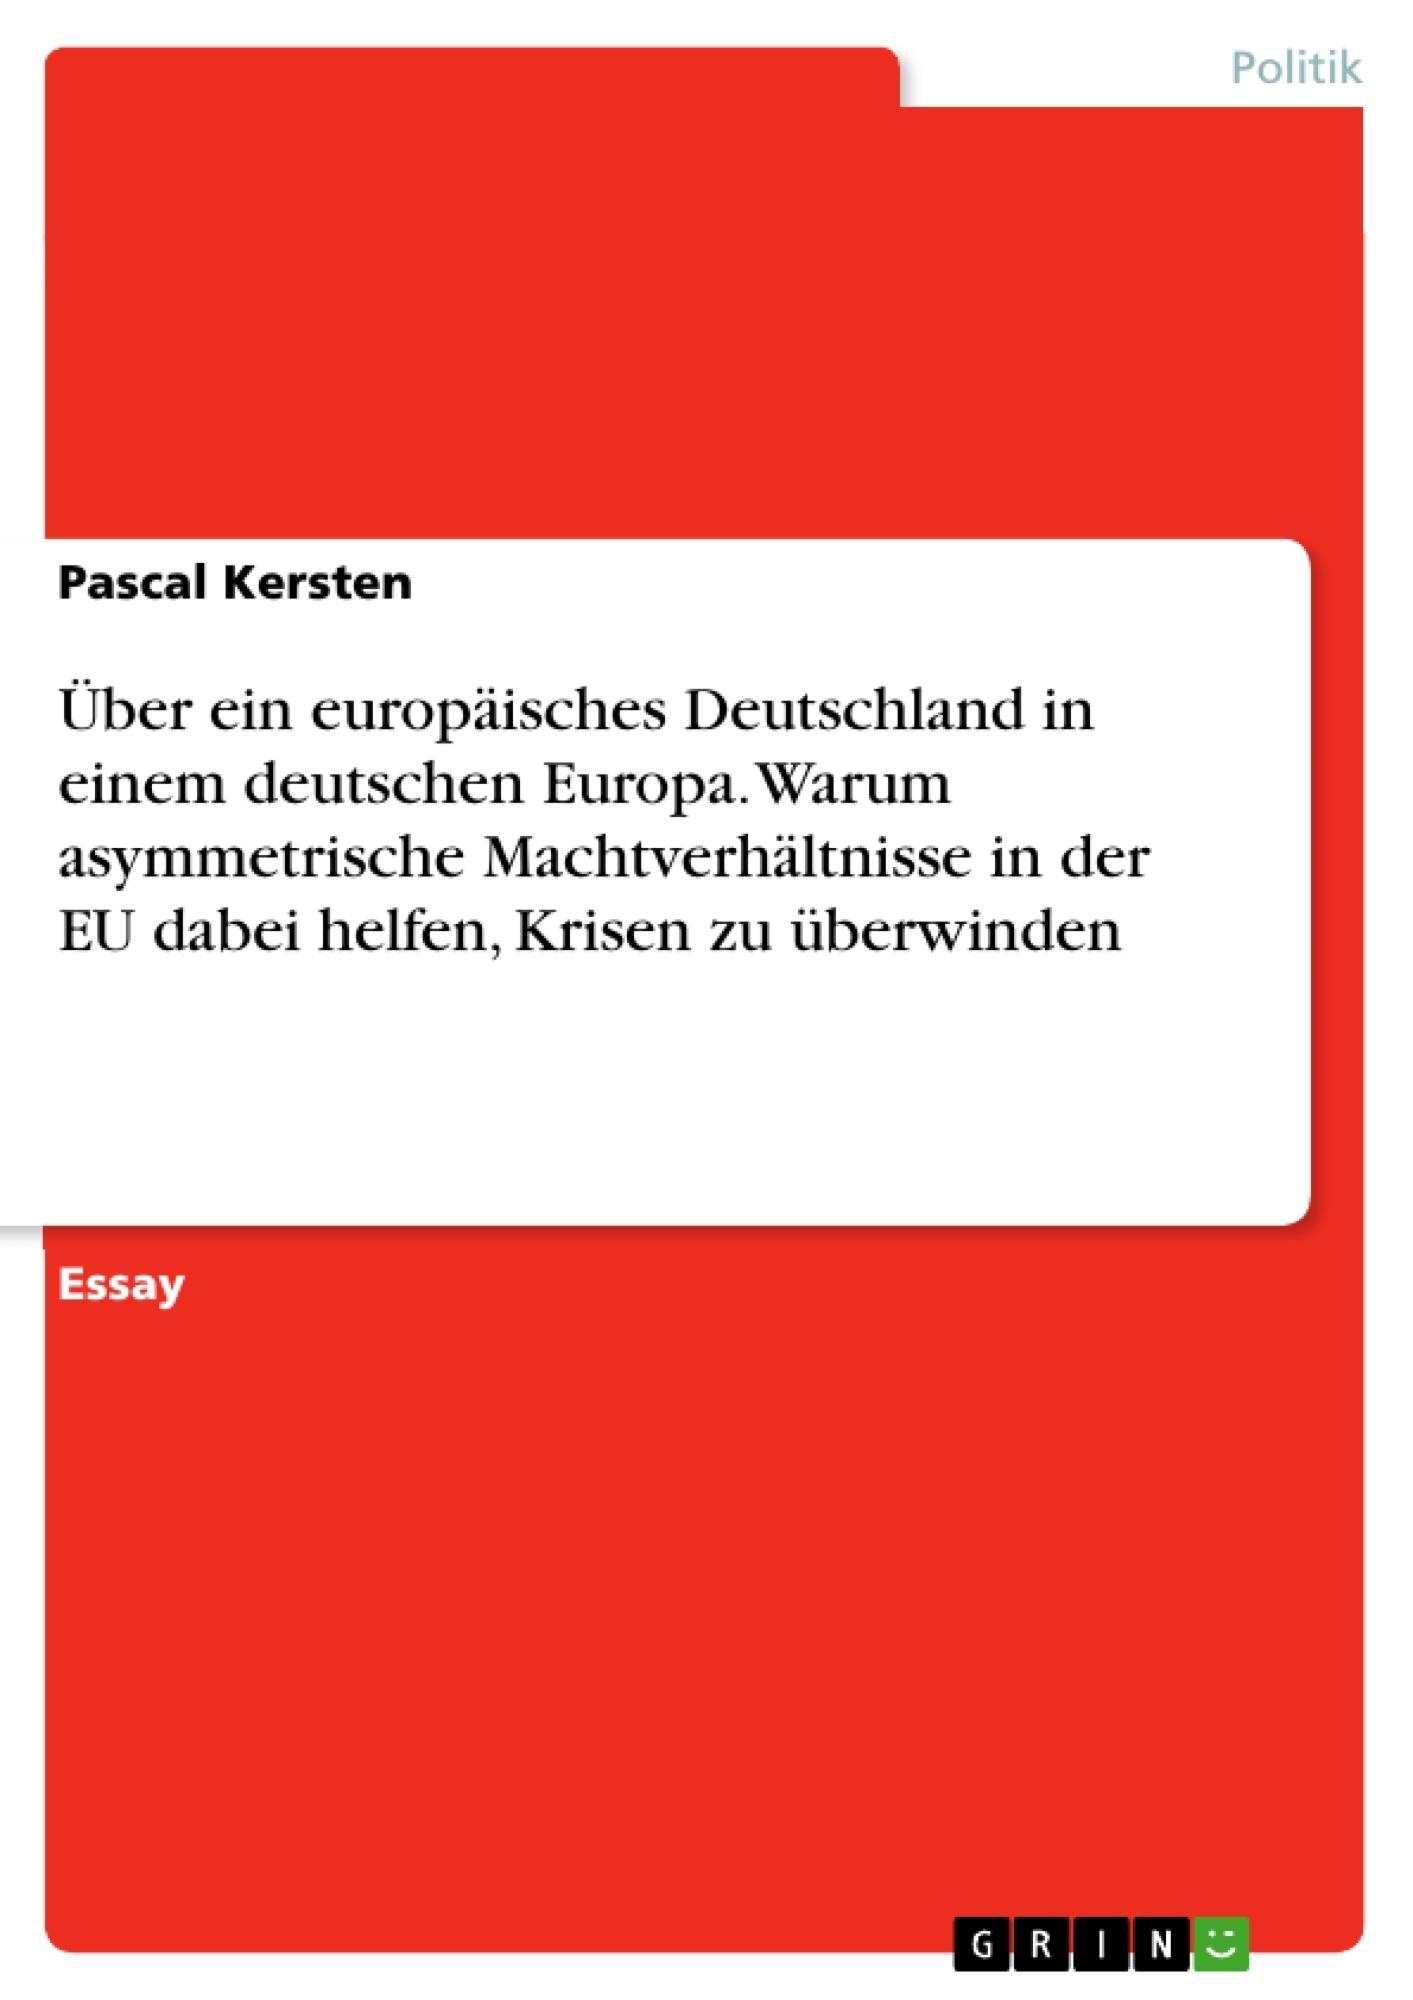 Titel: Über ein europäisches Deutschland in einem deutschen Europa. Warum asymmetrische Machtverhältnisse in der EU dabei helfen, Krisen zu überwinden